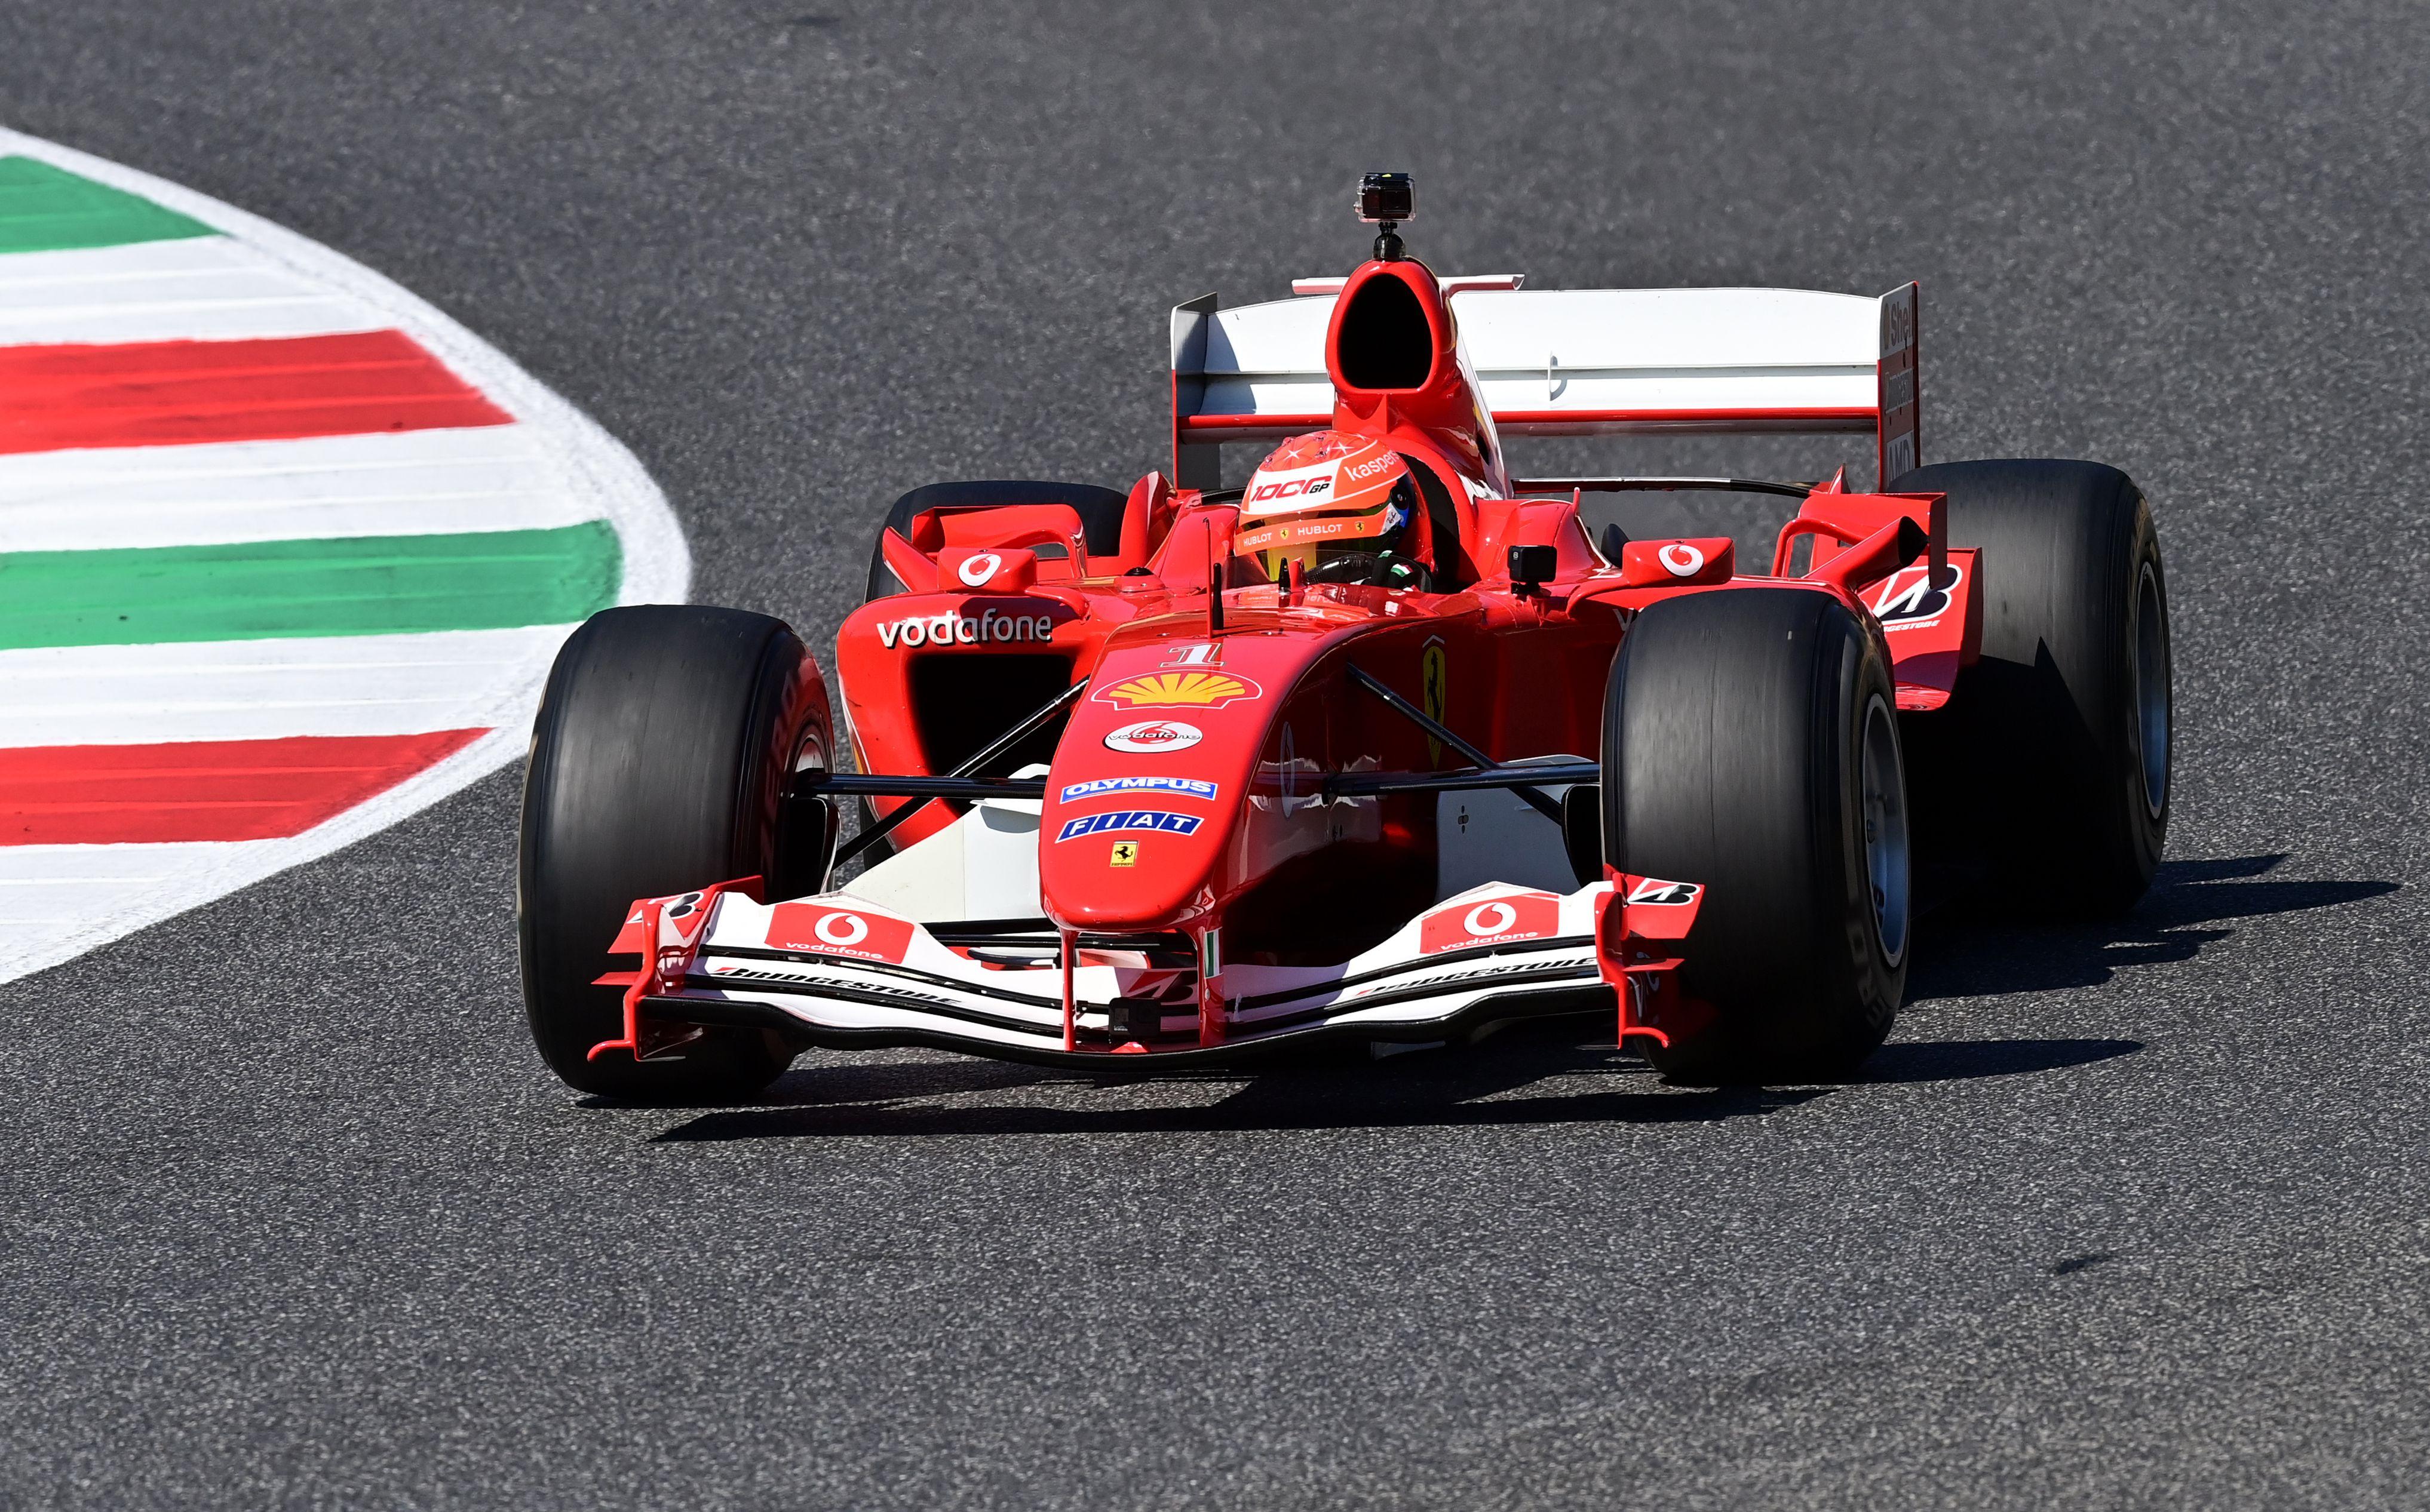 ¿Celebración? Fue solo para la estadística el marco especial que tuvo Ferrari por sus 1.000 carreras. Foto: REUTERS/Miguel Medina